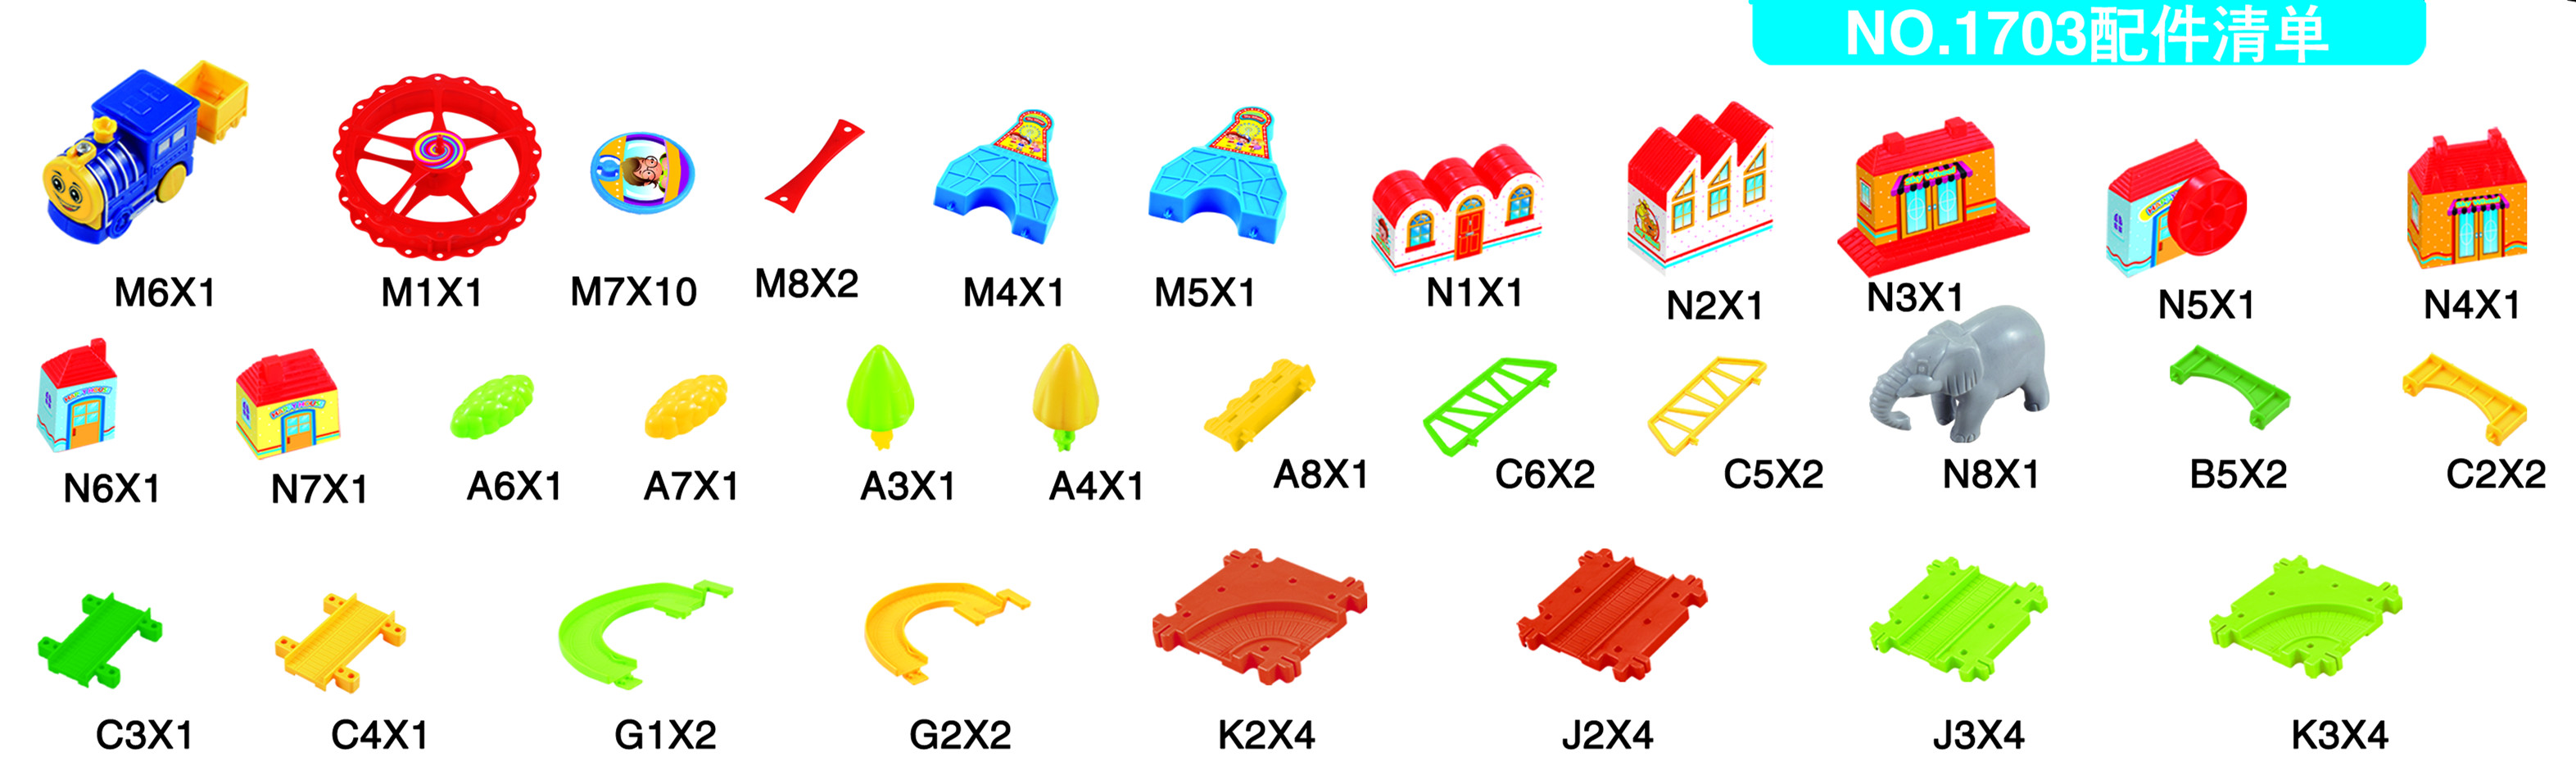 智力logo图片素材